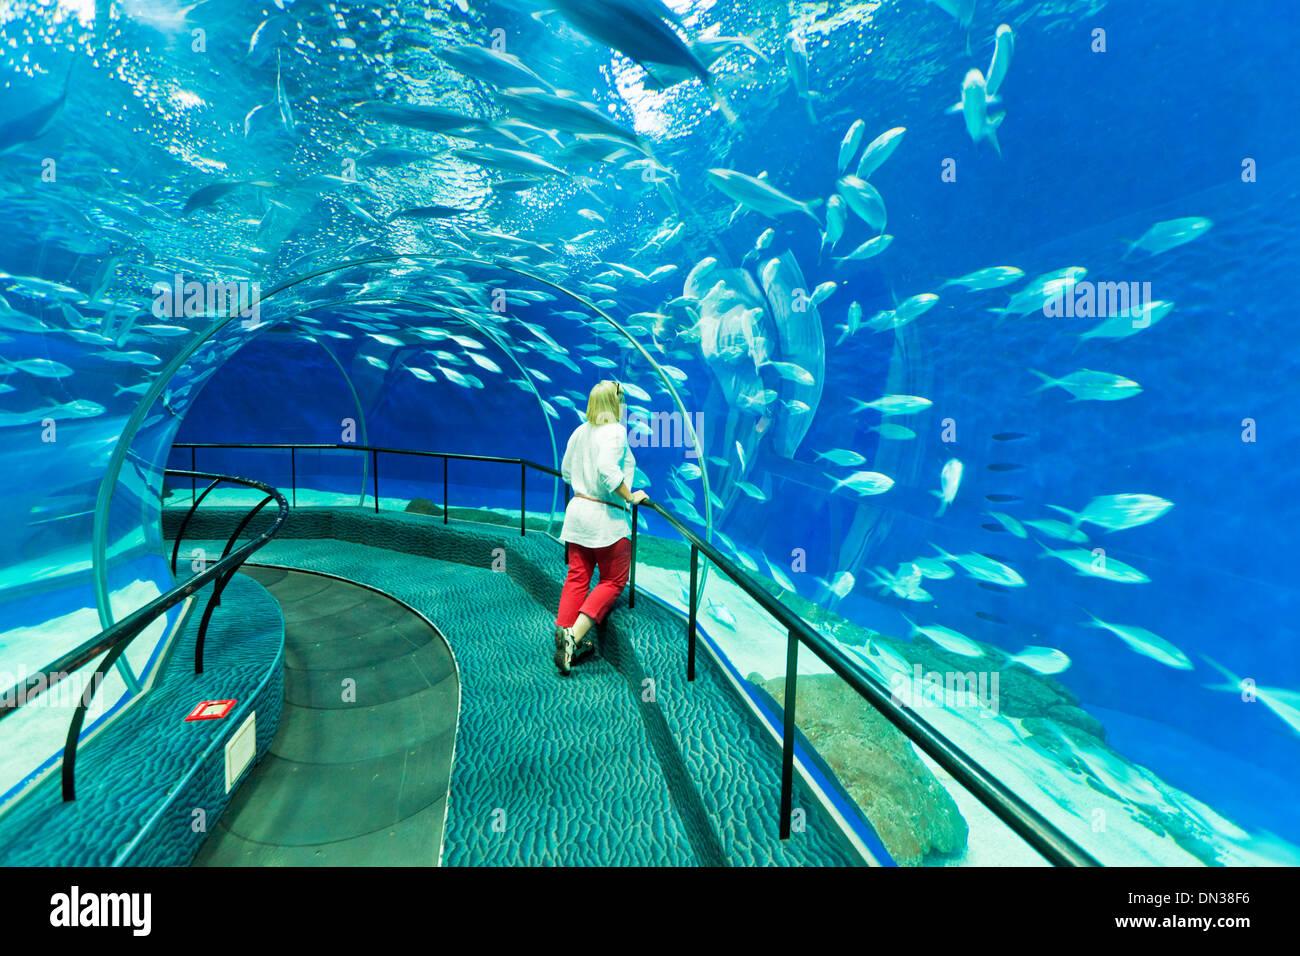 Turista femminile a Shanghai ocean Aquarium, Repubblica Popolare Cinese, PRC, Asia Immagini Stock